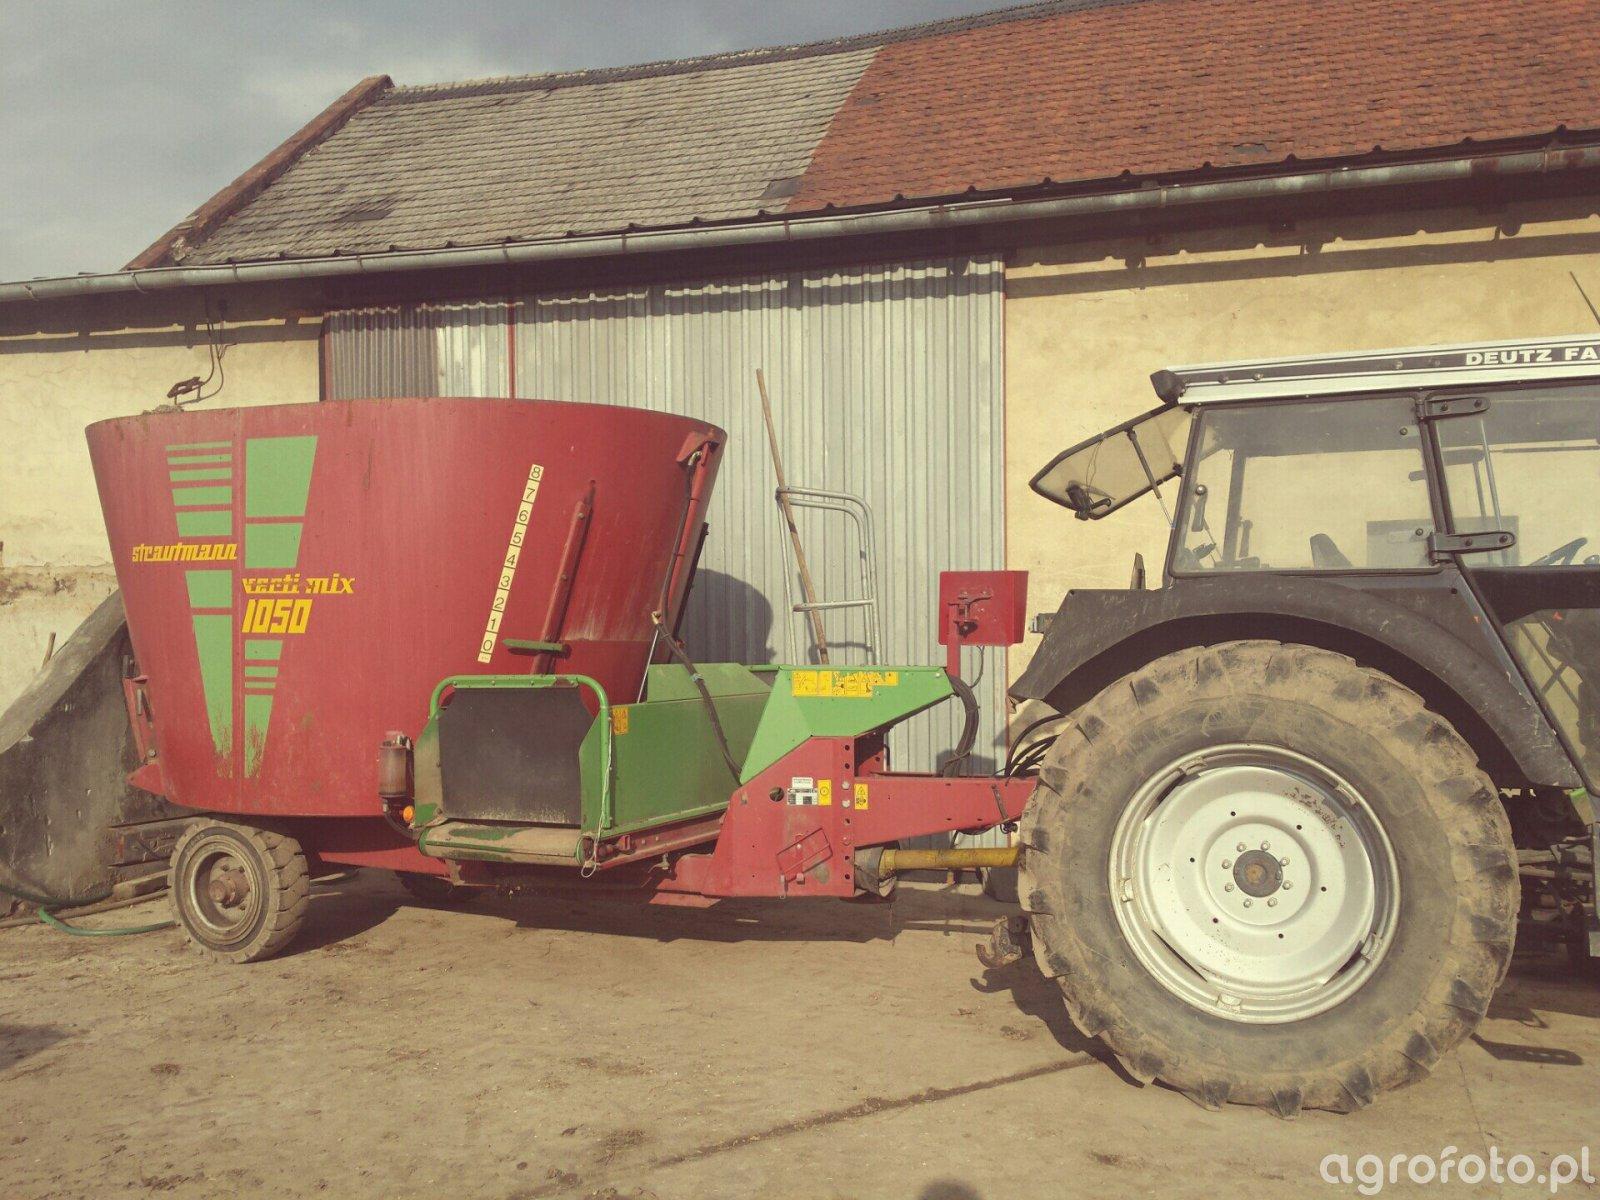 Strautmann verti mix 1050 \u0026 Deutz Fahr